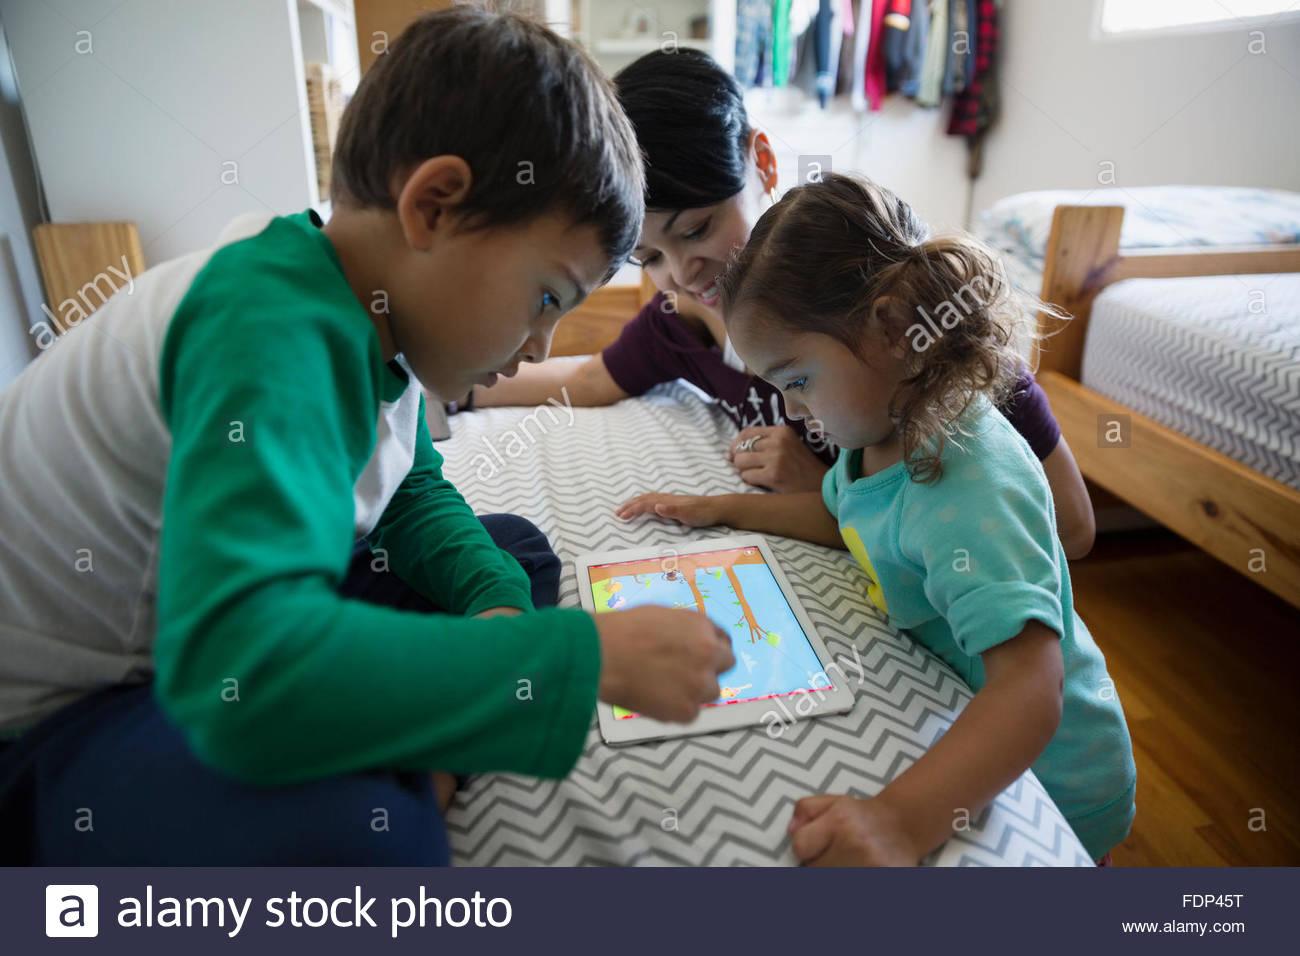 Mère et enfants jouant jeu sur tablette numérique Photo Stock